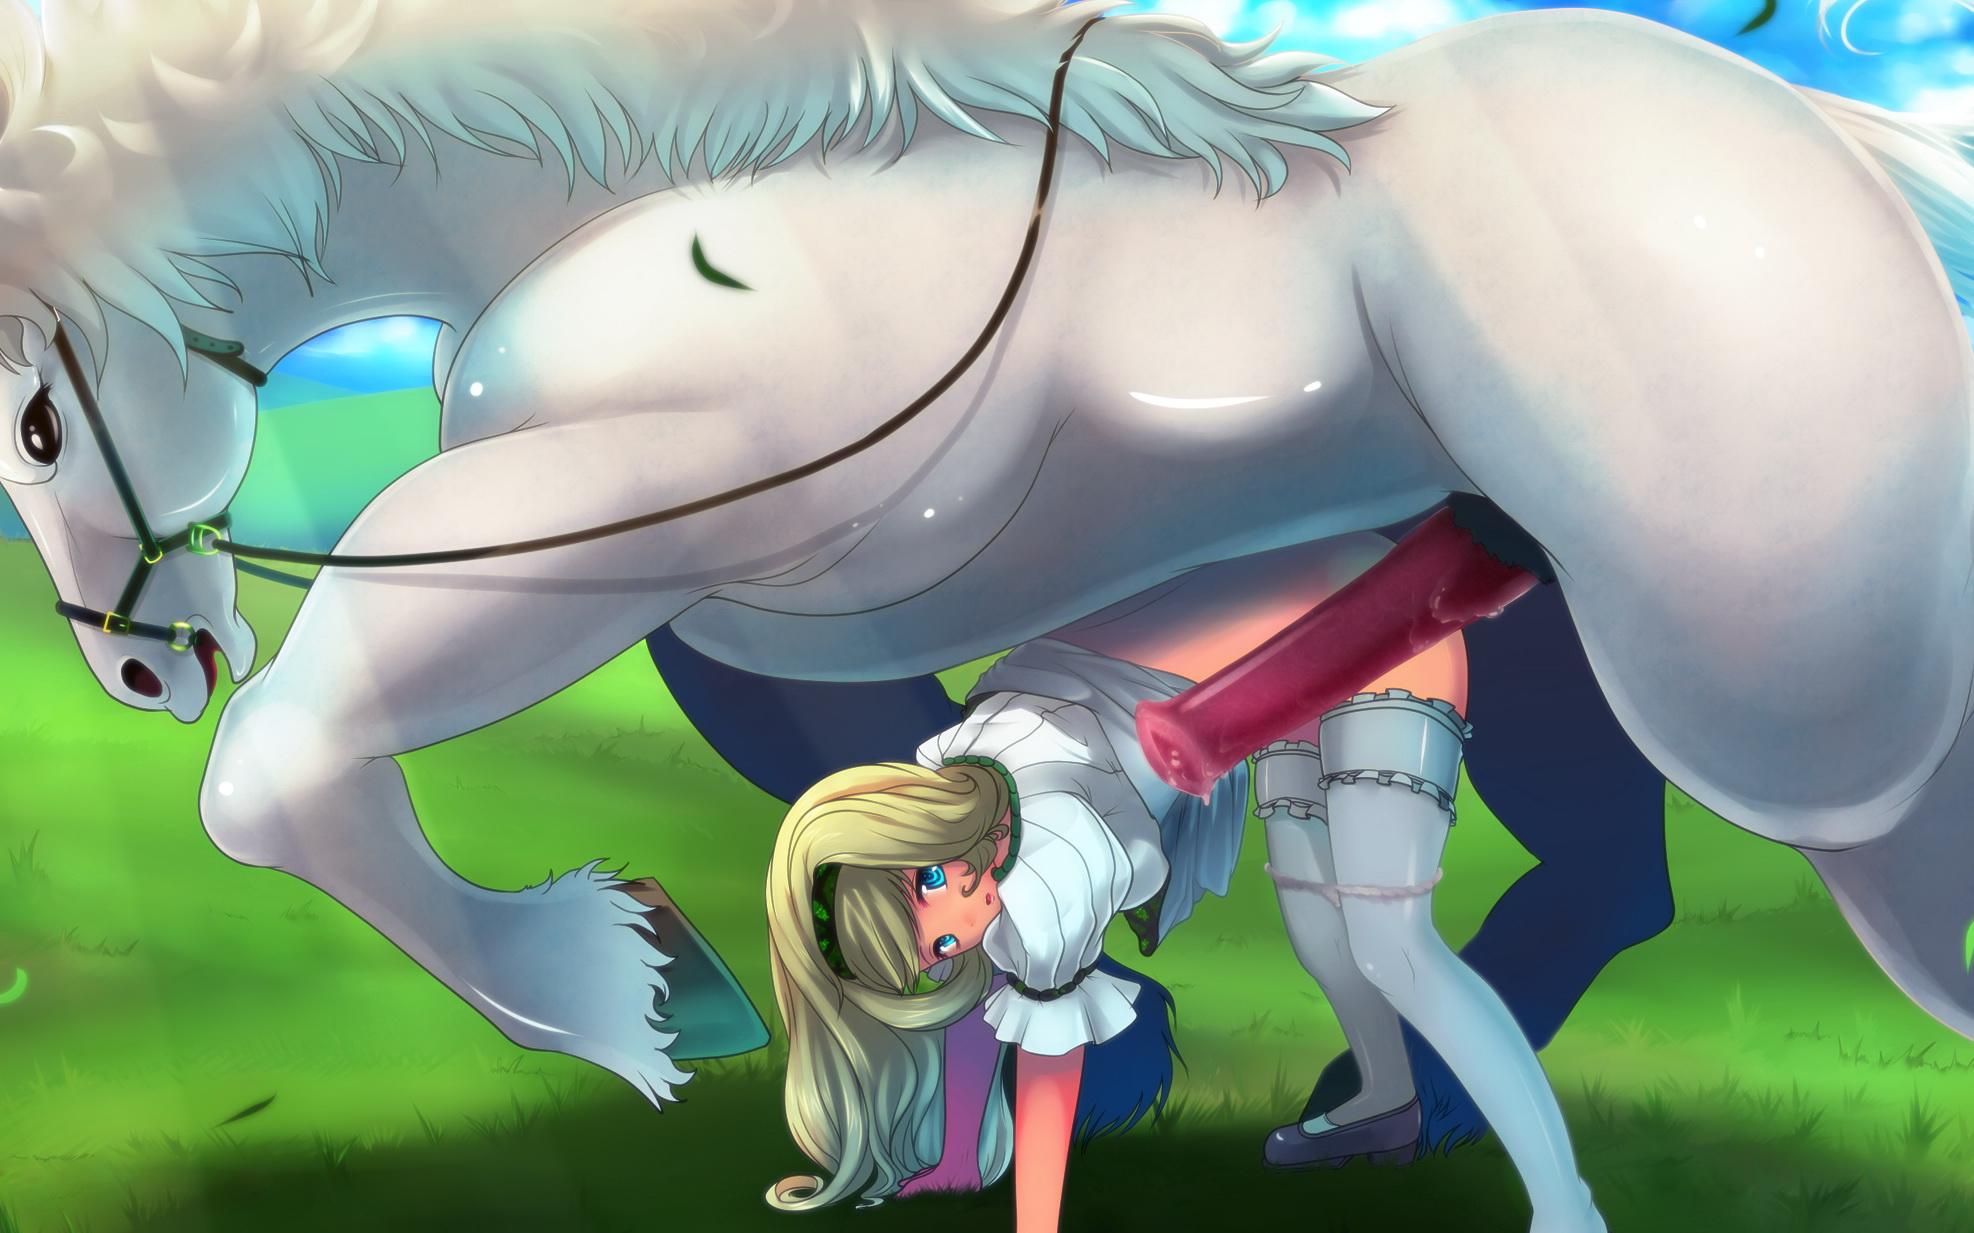 Horse hentai porn